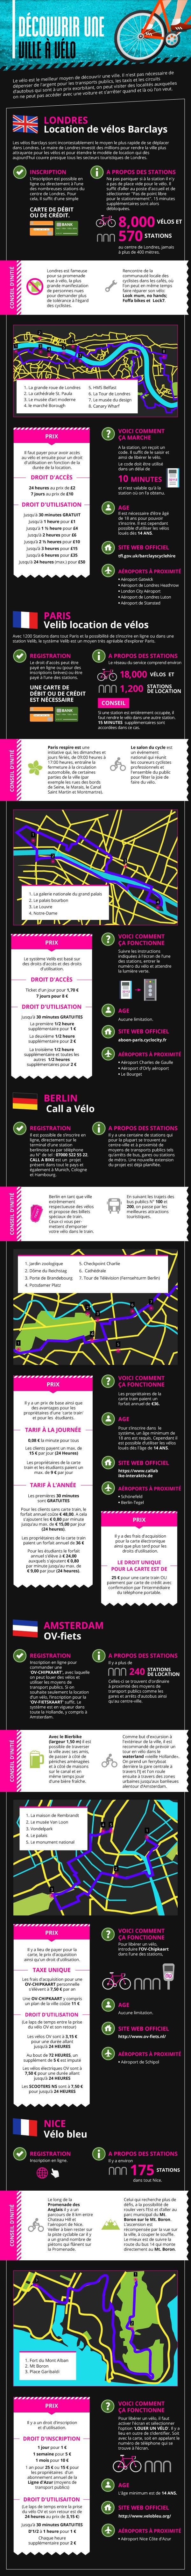 Découvrir une ville a Vélo - momondo